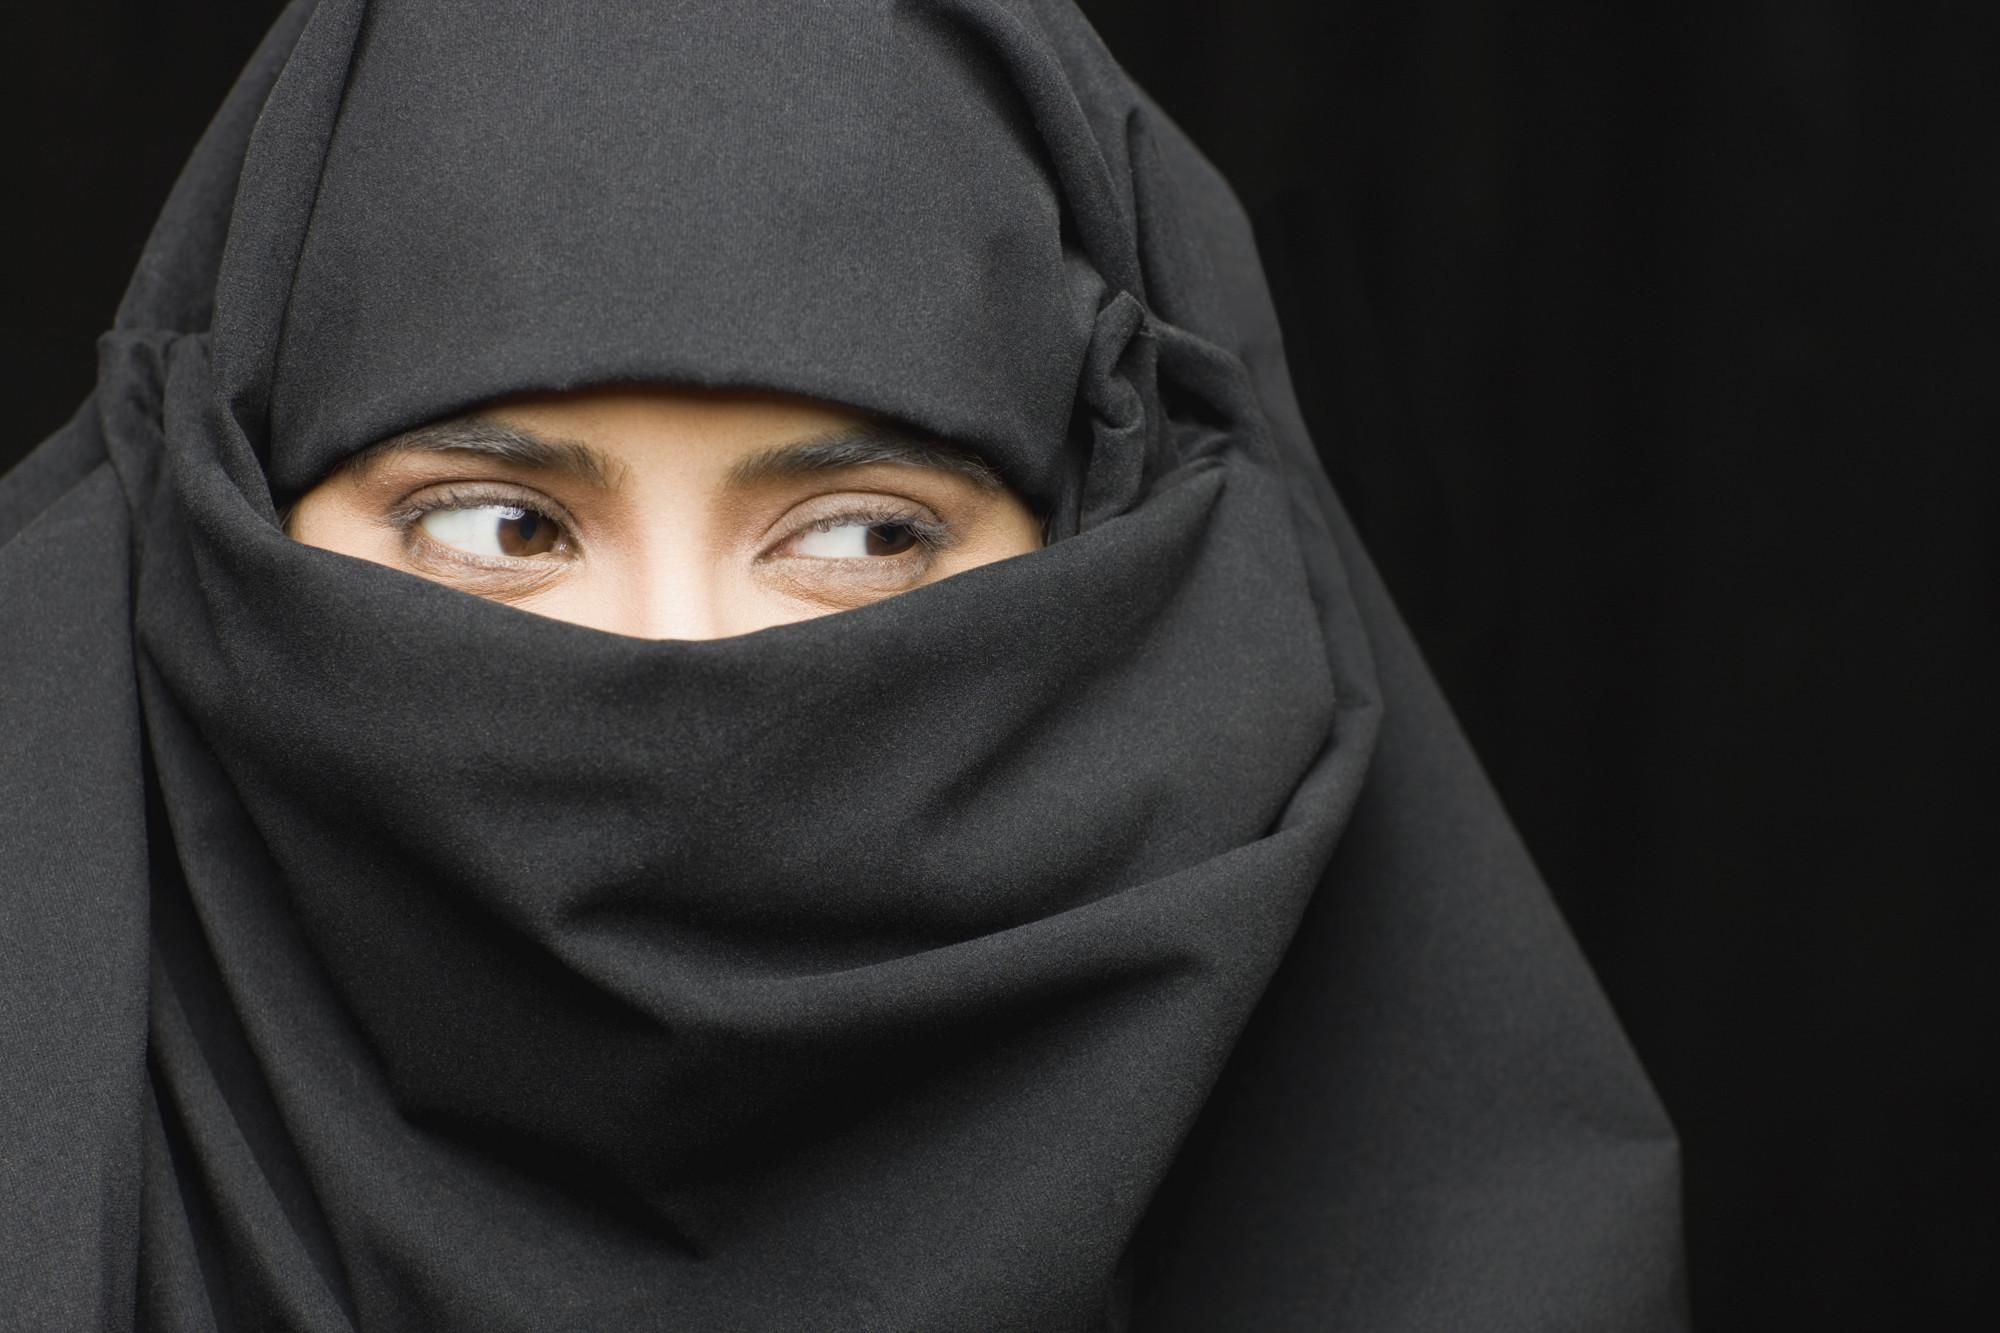 un bărbat care caută o femei musulmană